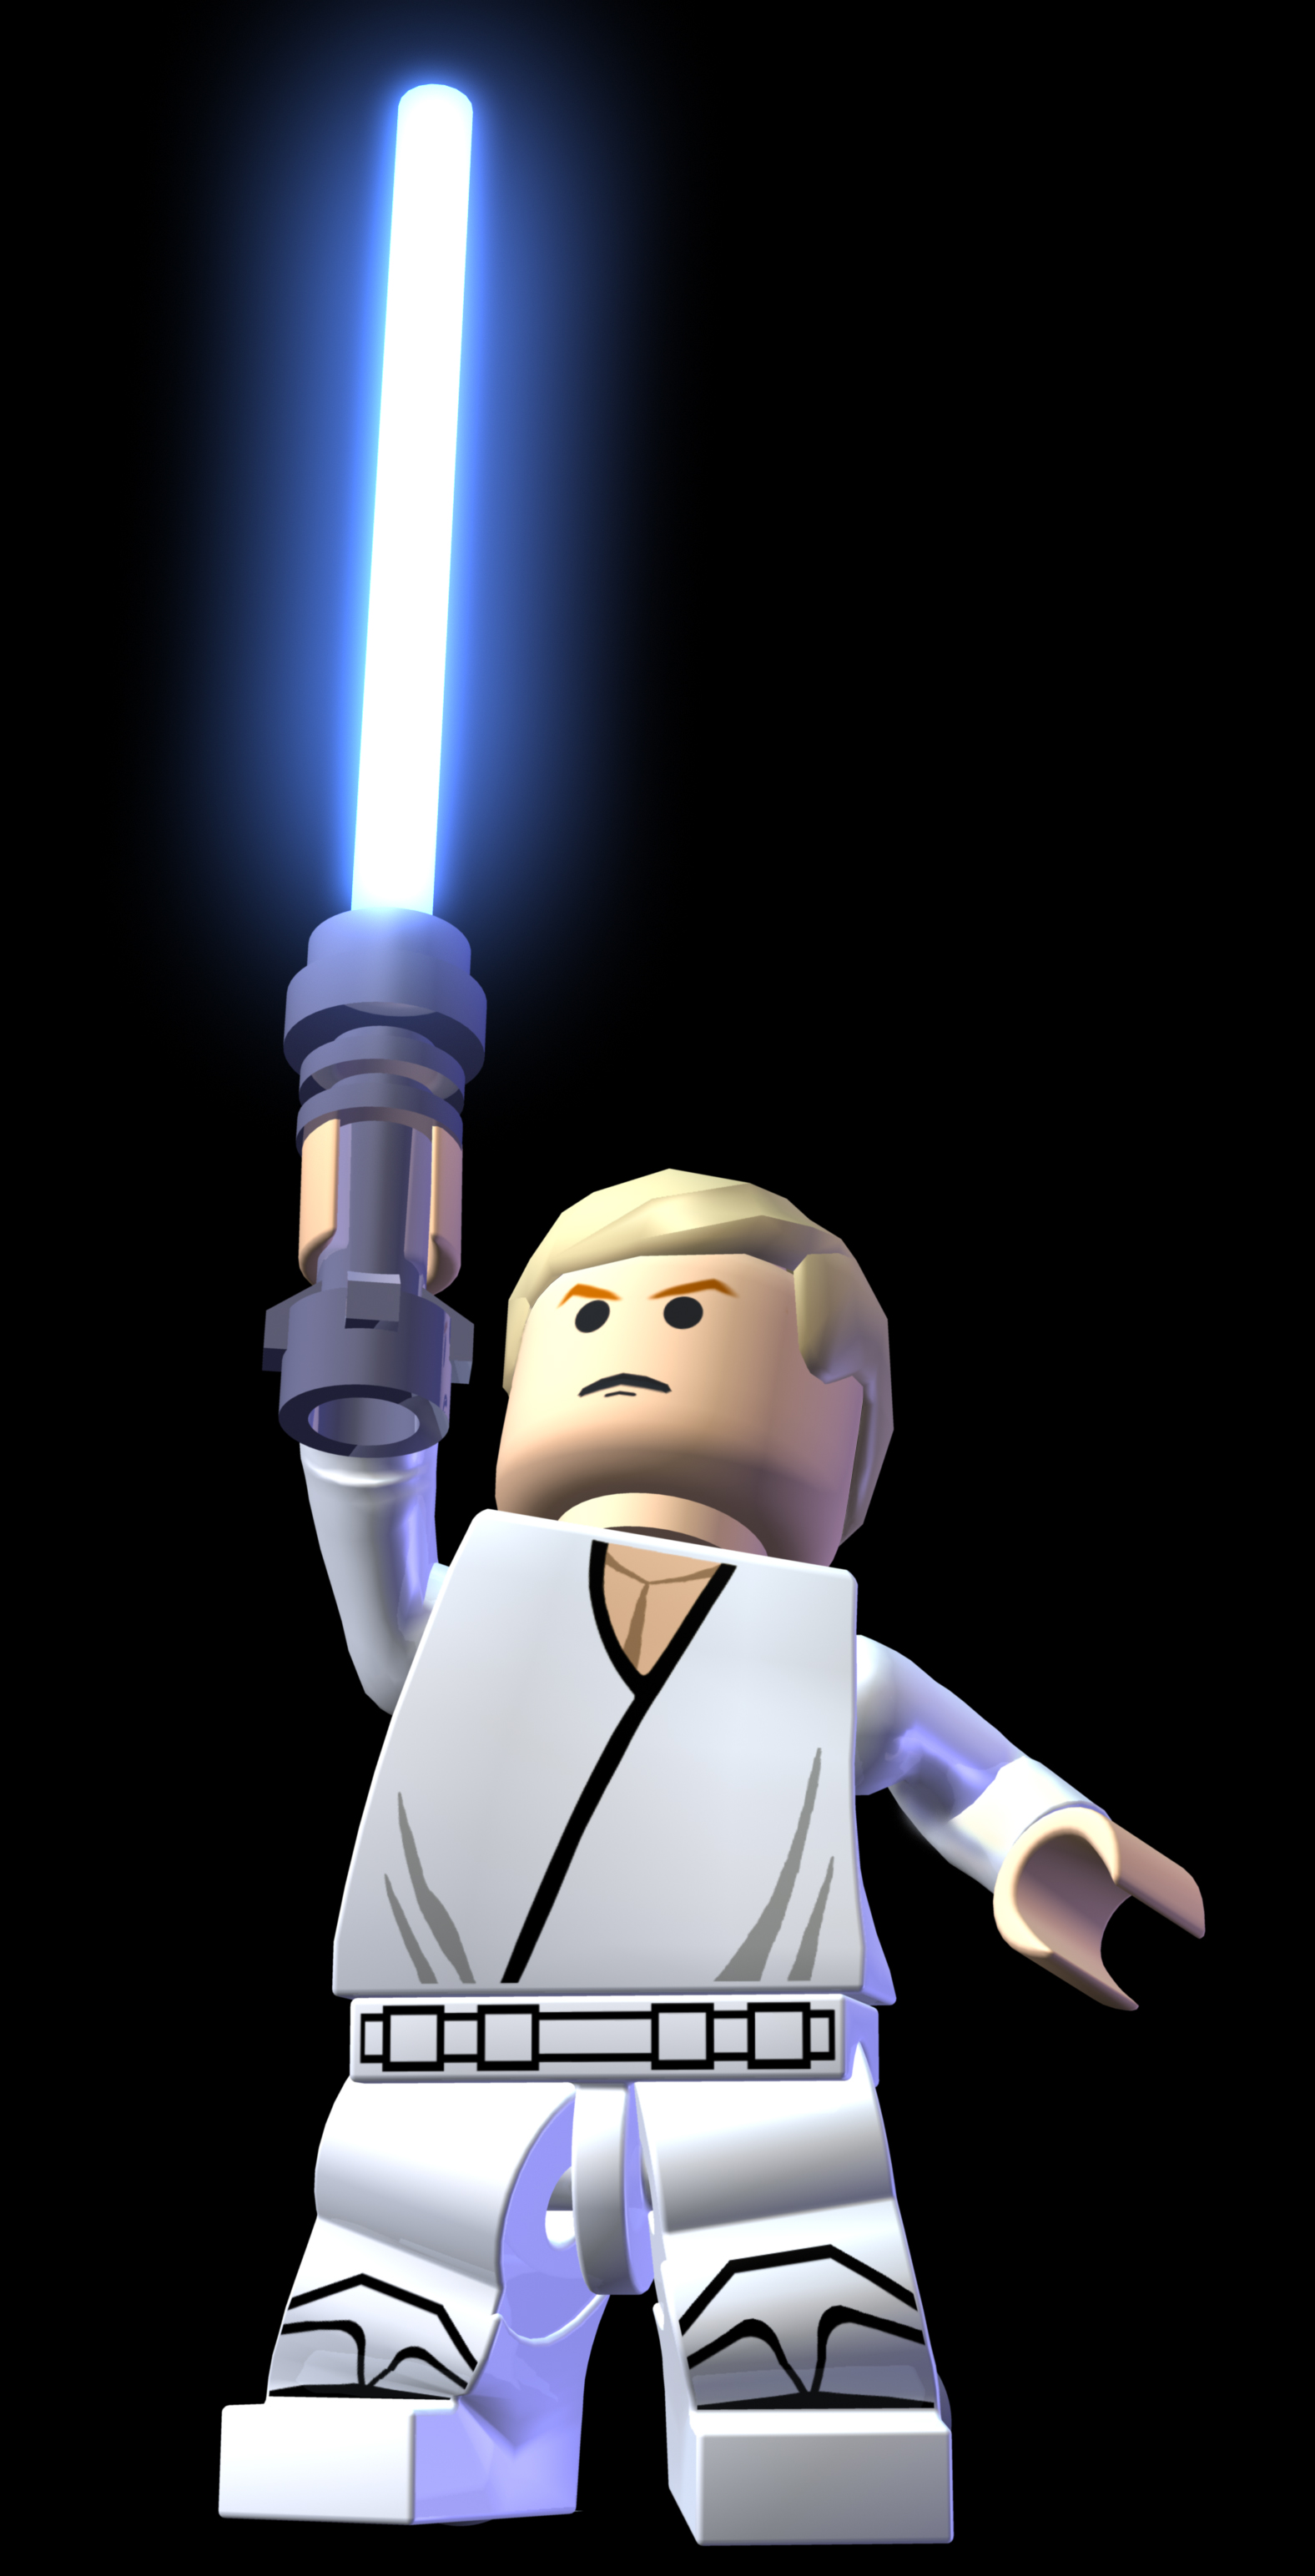 Luke Skywalker Lego Star Wars Wiki Fandom Powered By Wikia